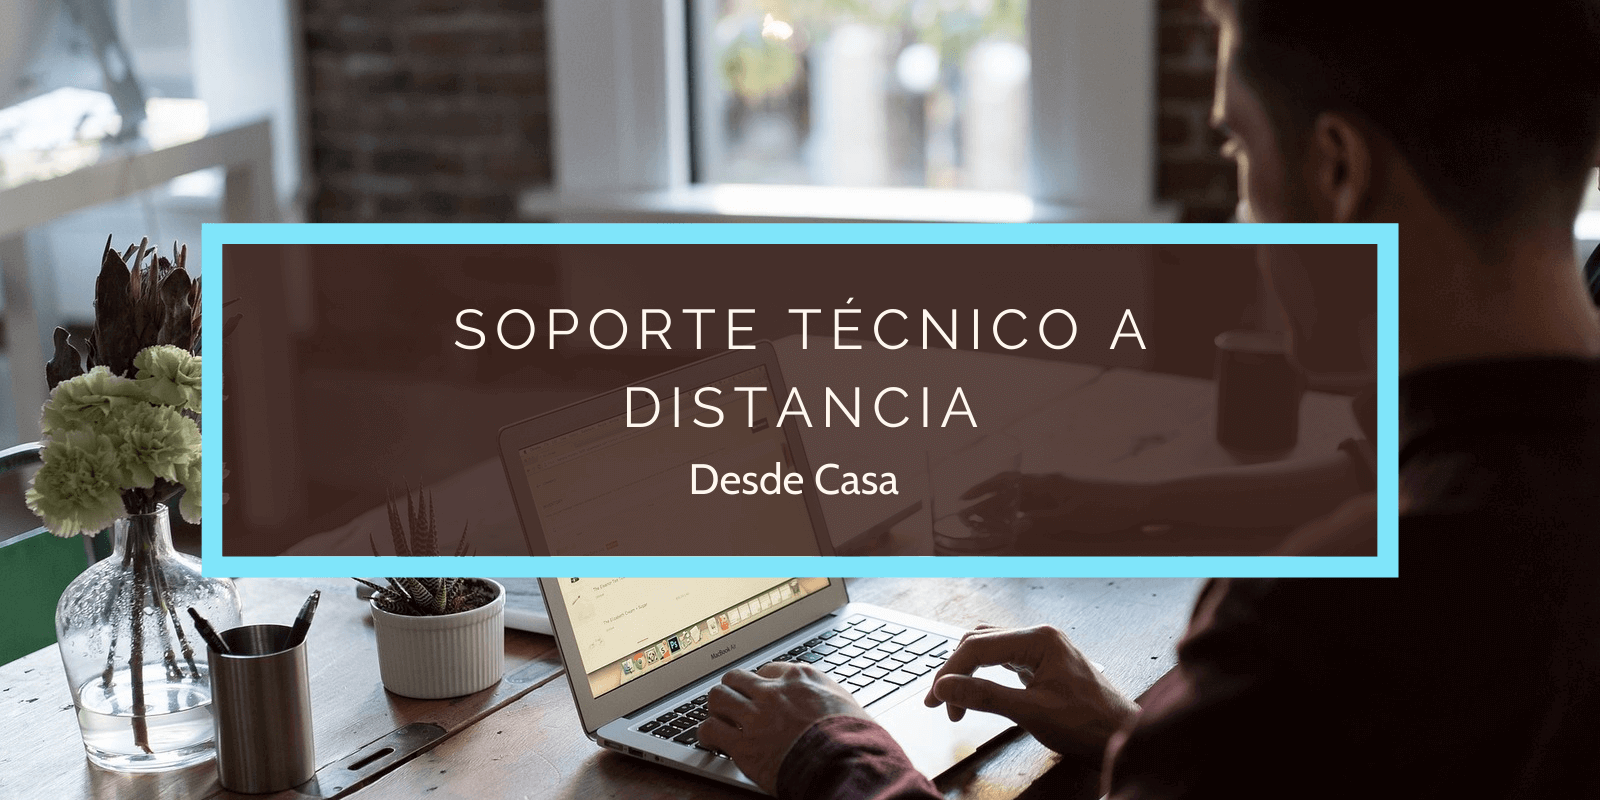 DETALLES DEL ADJUNTO soporte técnico a distancia